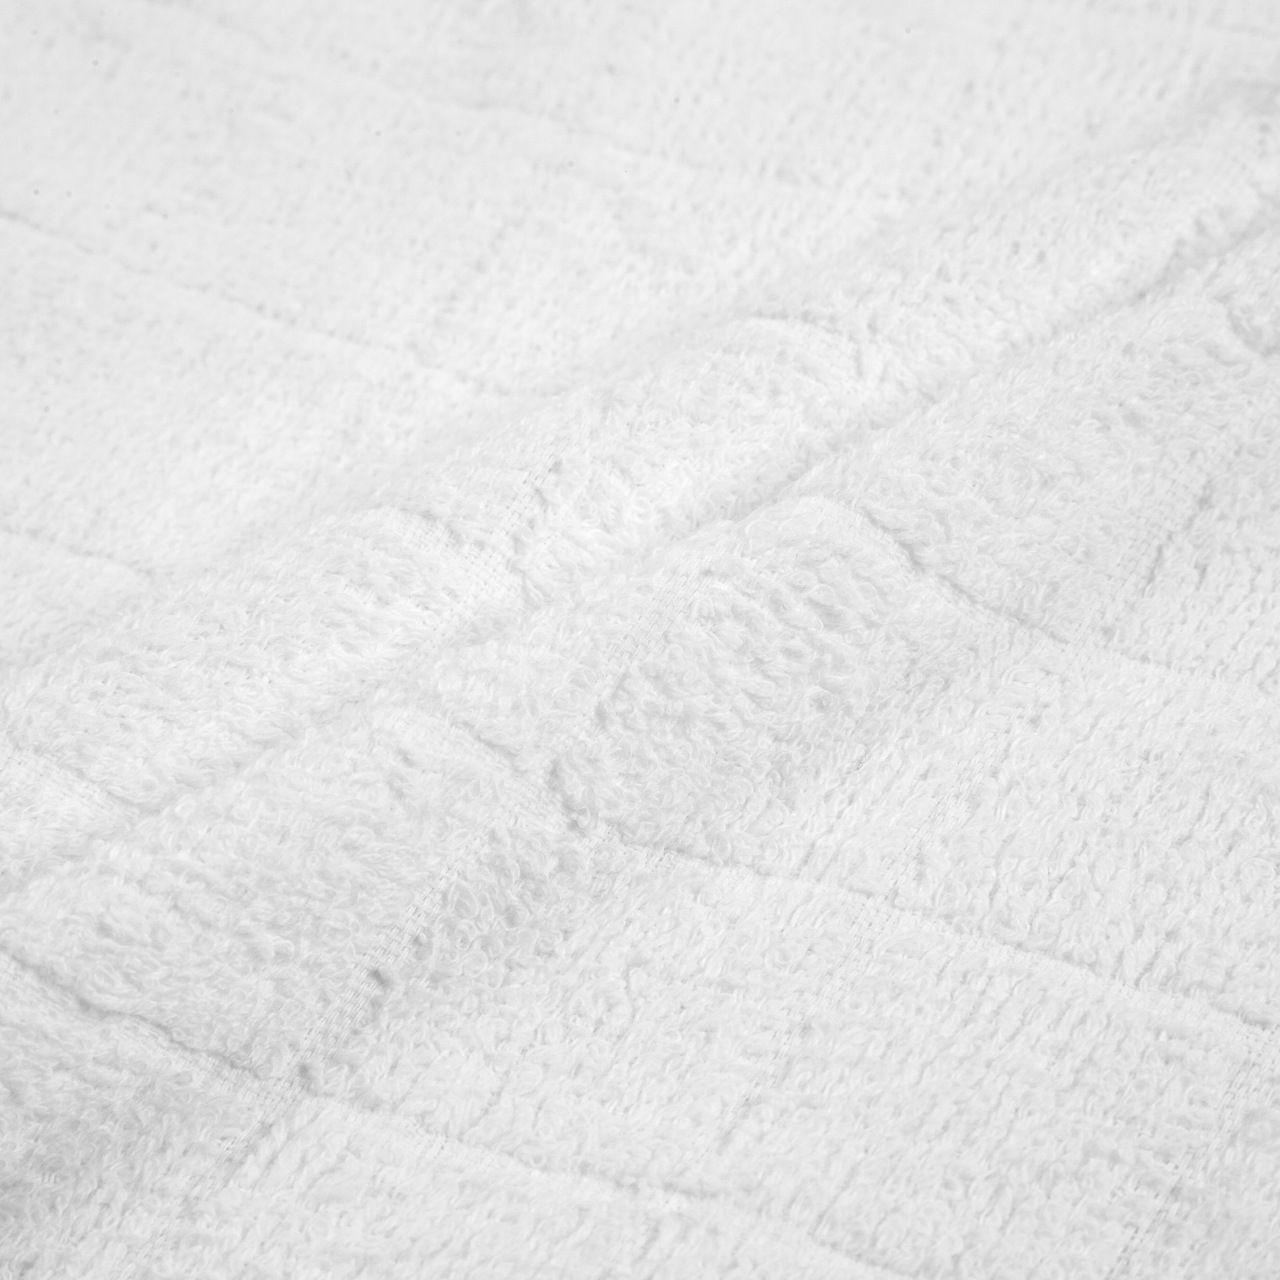 70匁 おしぼりタオル白 8×8格子